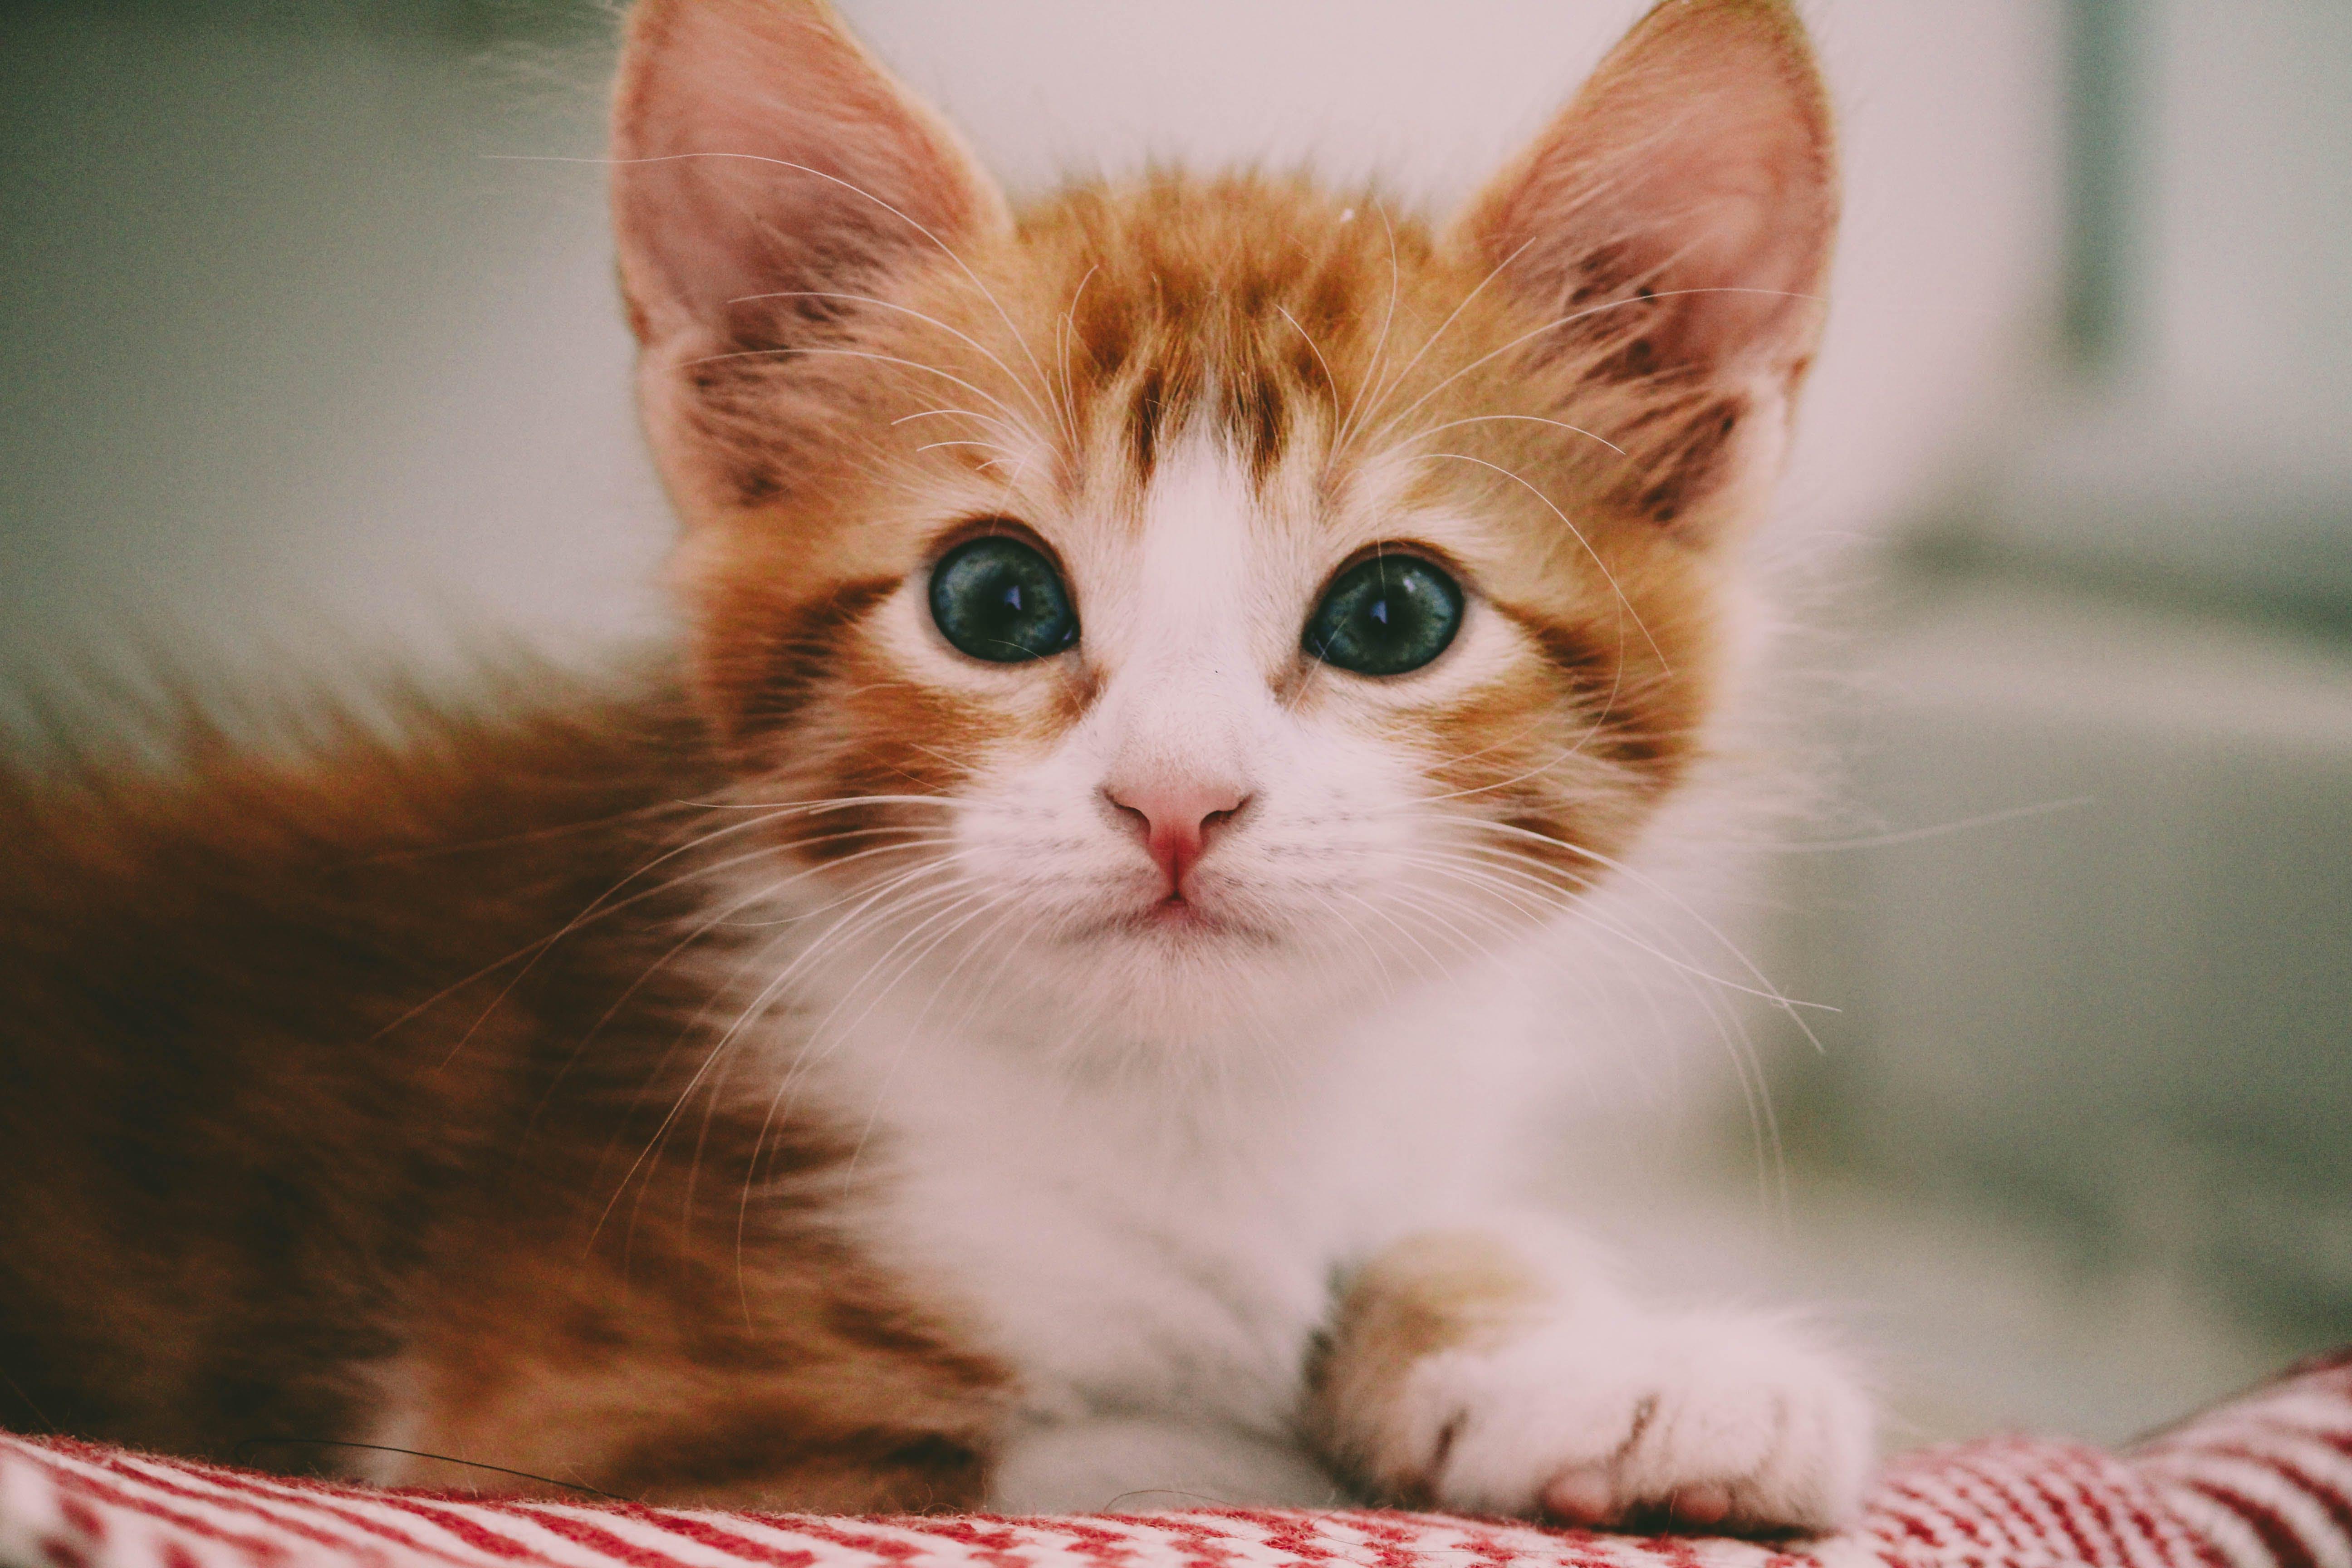 bakmak, çok sevimli, Evcil Hayvan, gözler içeren Ücretsiz stok fotoğraf